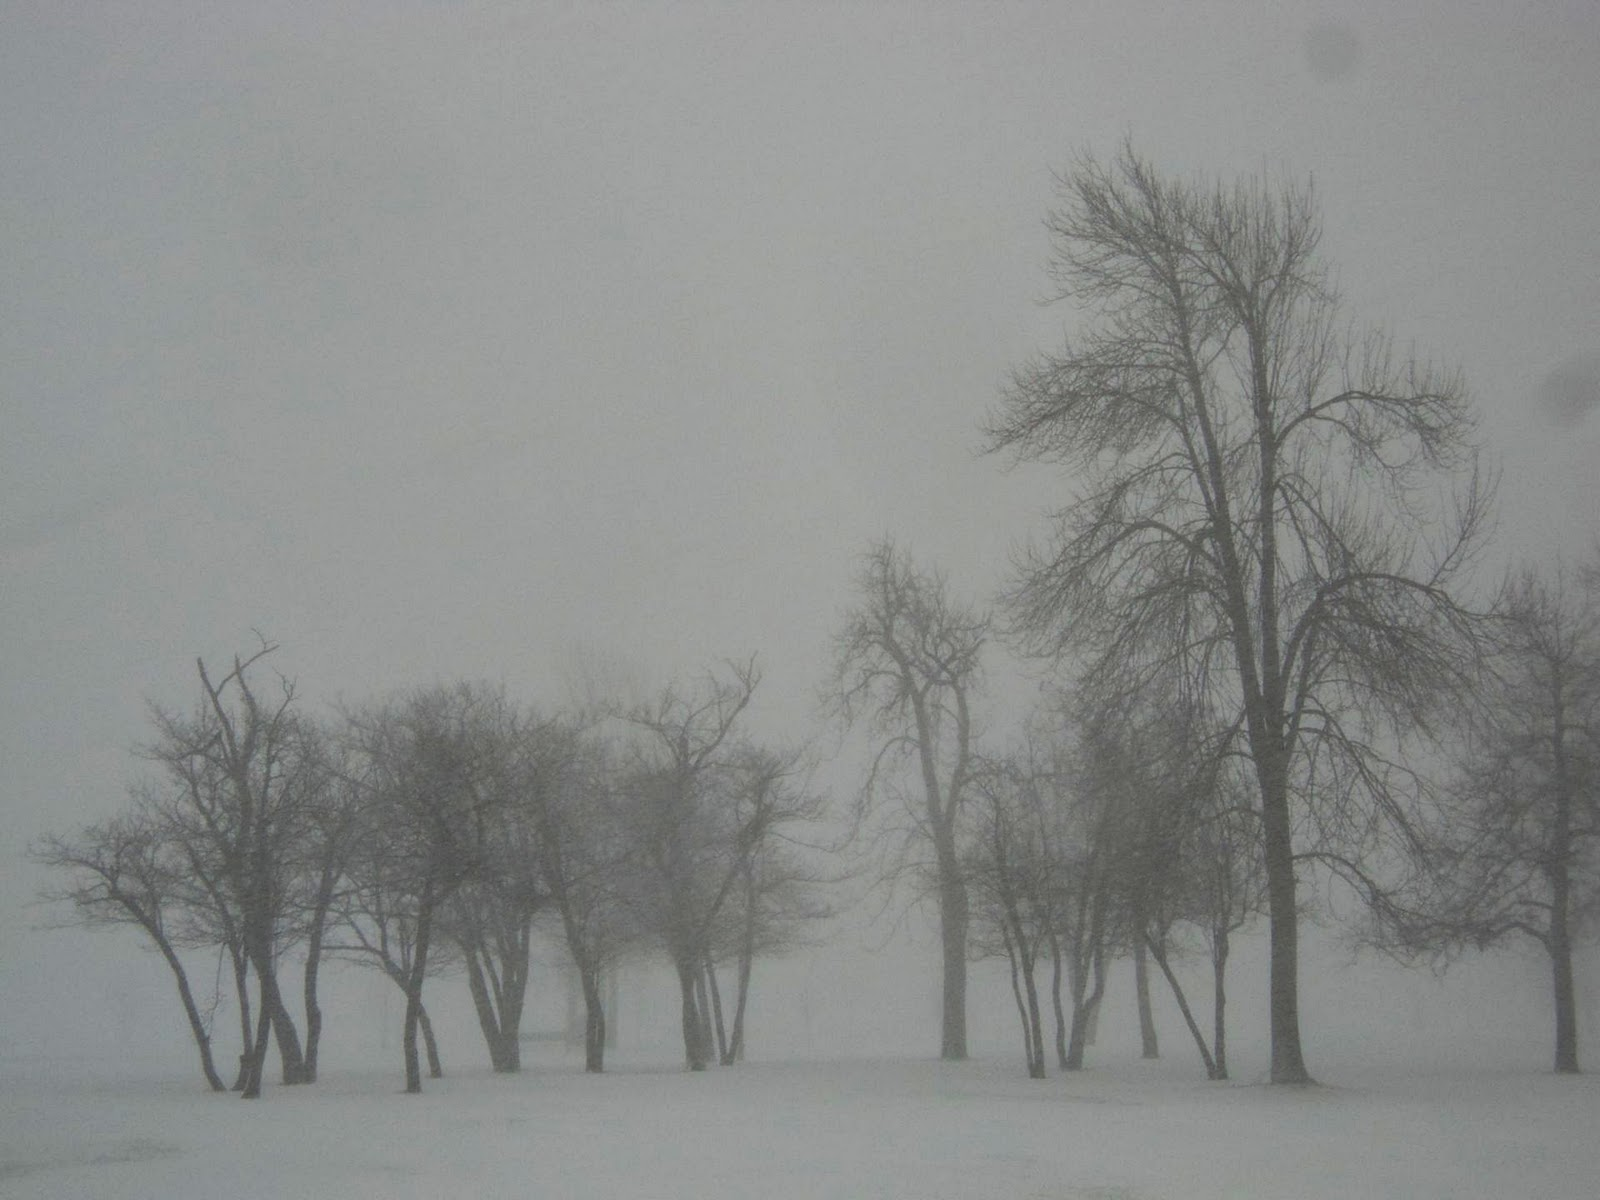 http://2.bp.blogspot.com/-d0f8-7ttc3g/TxDcOES6CLI/AAAAAAAAF04/xCuOvC3oRNM/s1600/Delaware+Park+2.jpg